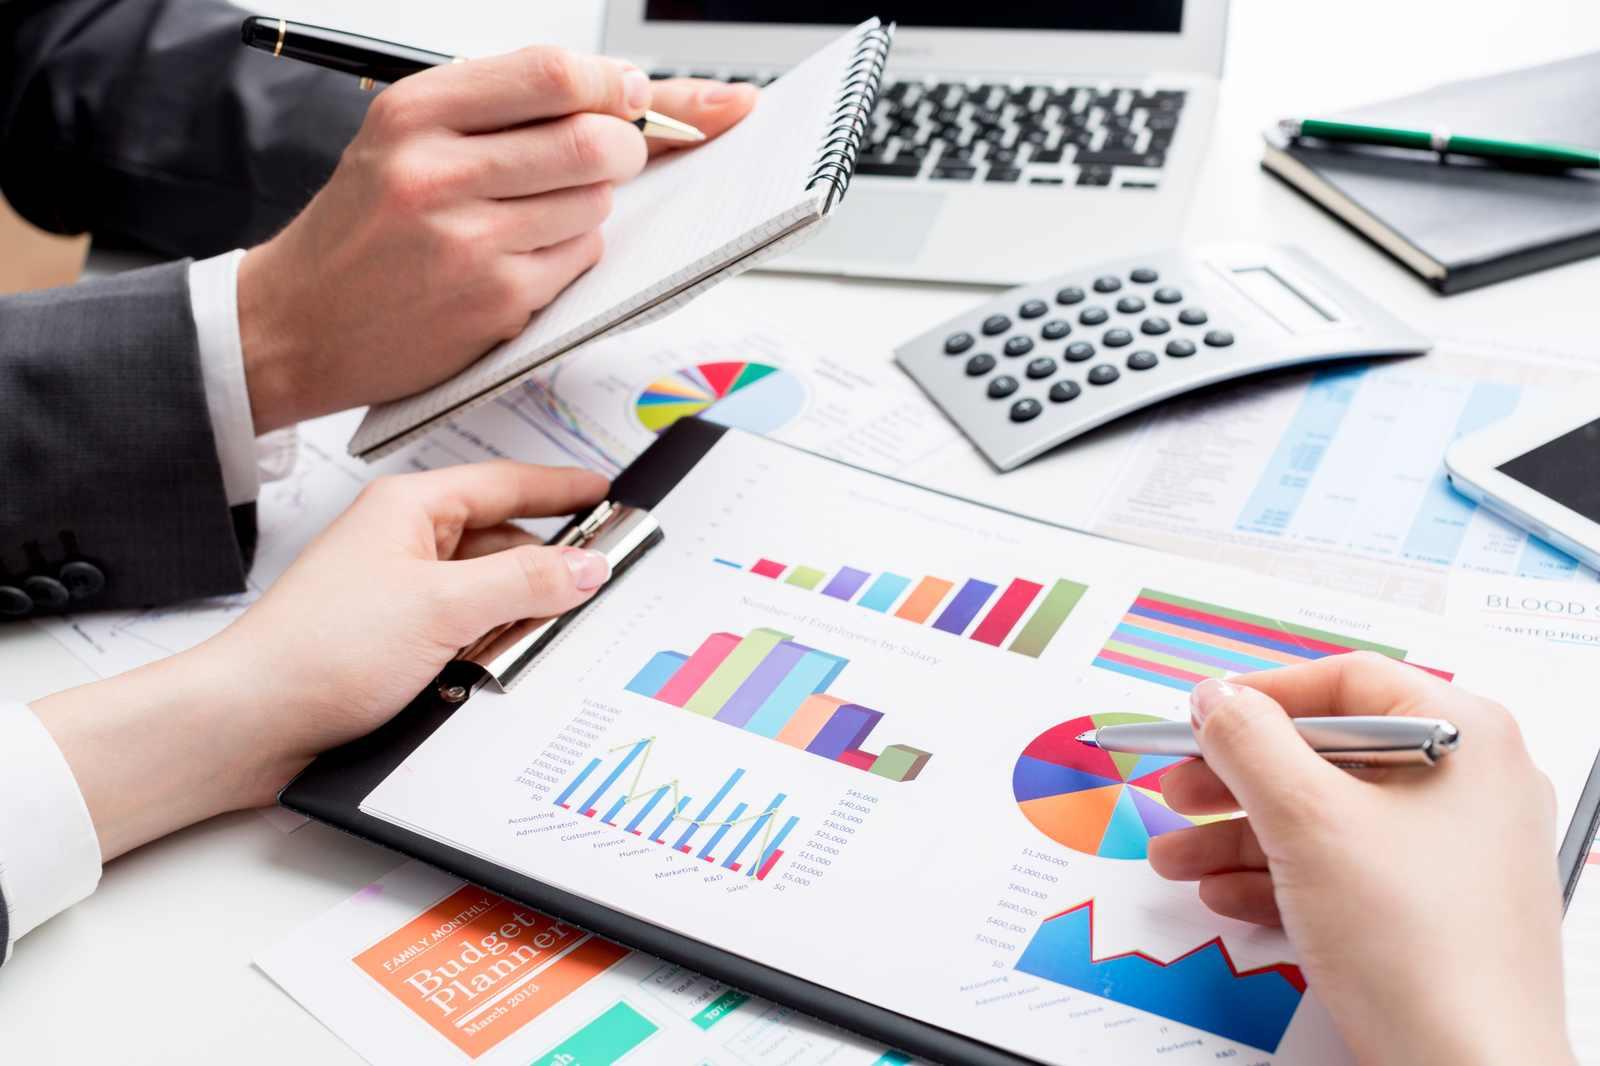 Санхүү бүртгэлээ оновчтой загварчлах нь